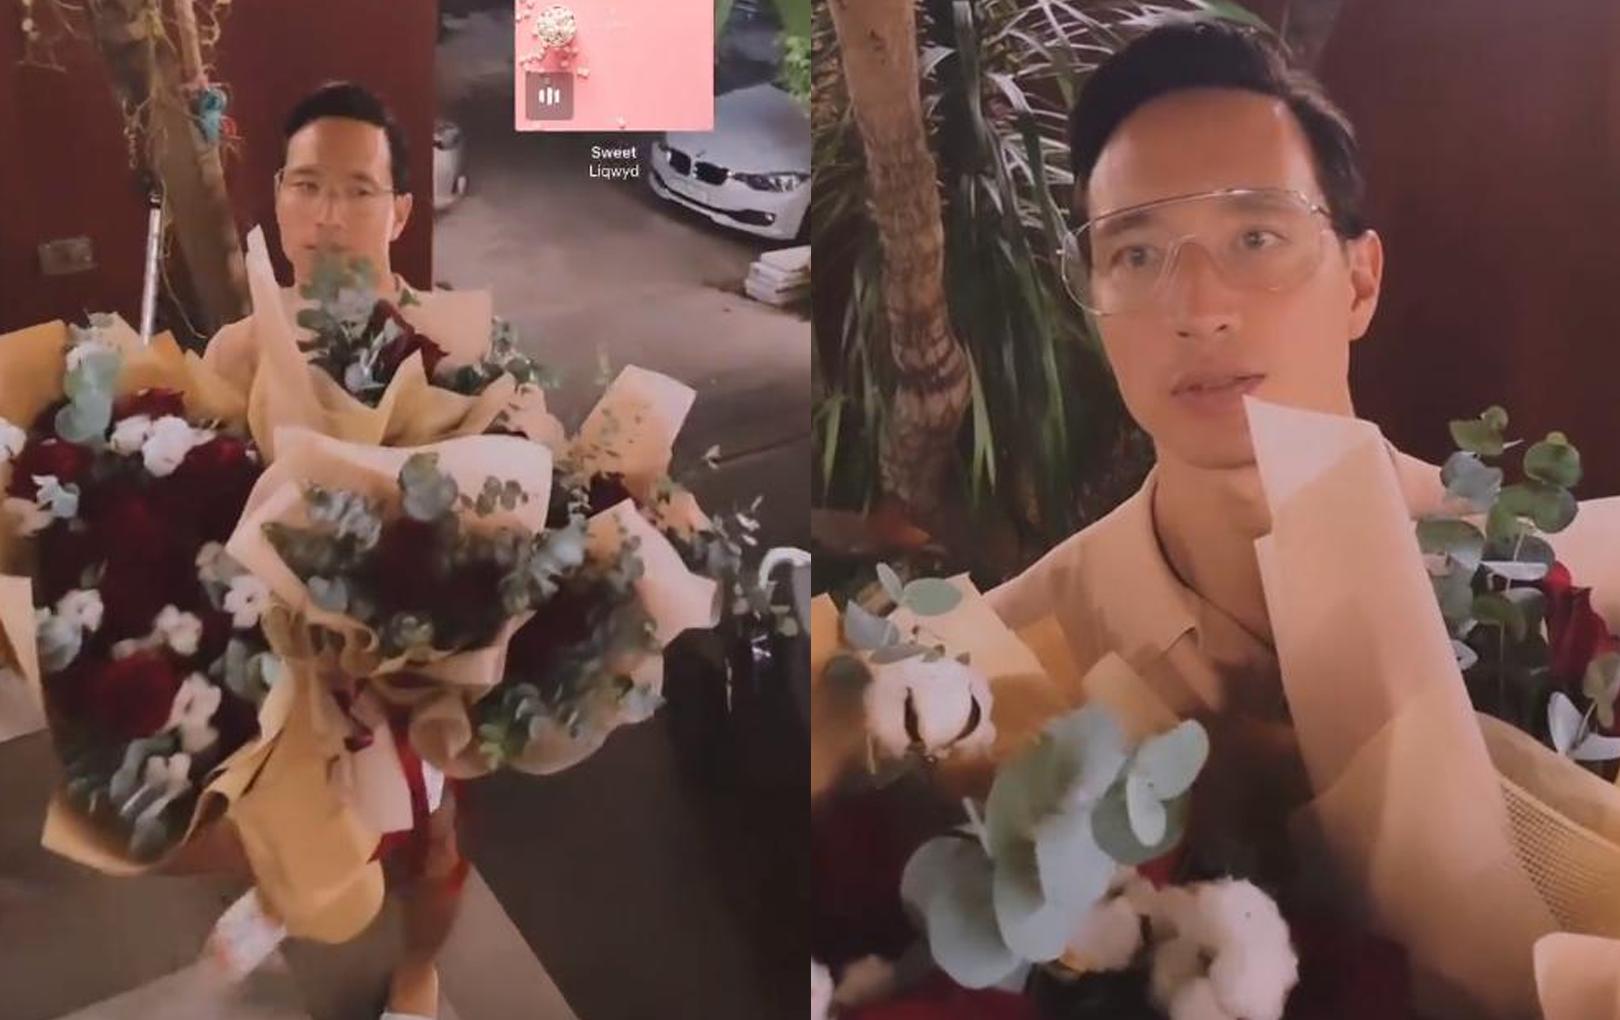 Hé lộ khoảnh khắc Kim Lý cố gắng chúc mừng 8/3 bằng tiếng Việt, song sự cố đầu clip mới gây chú ý cực mạnh